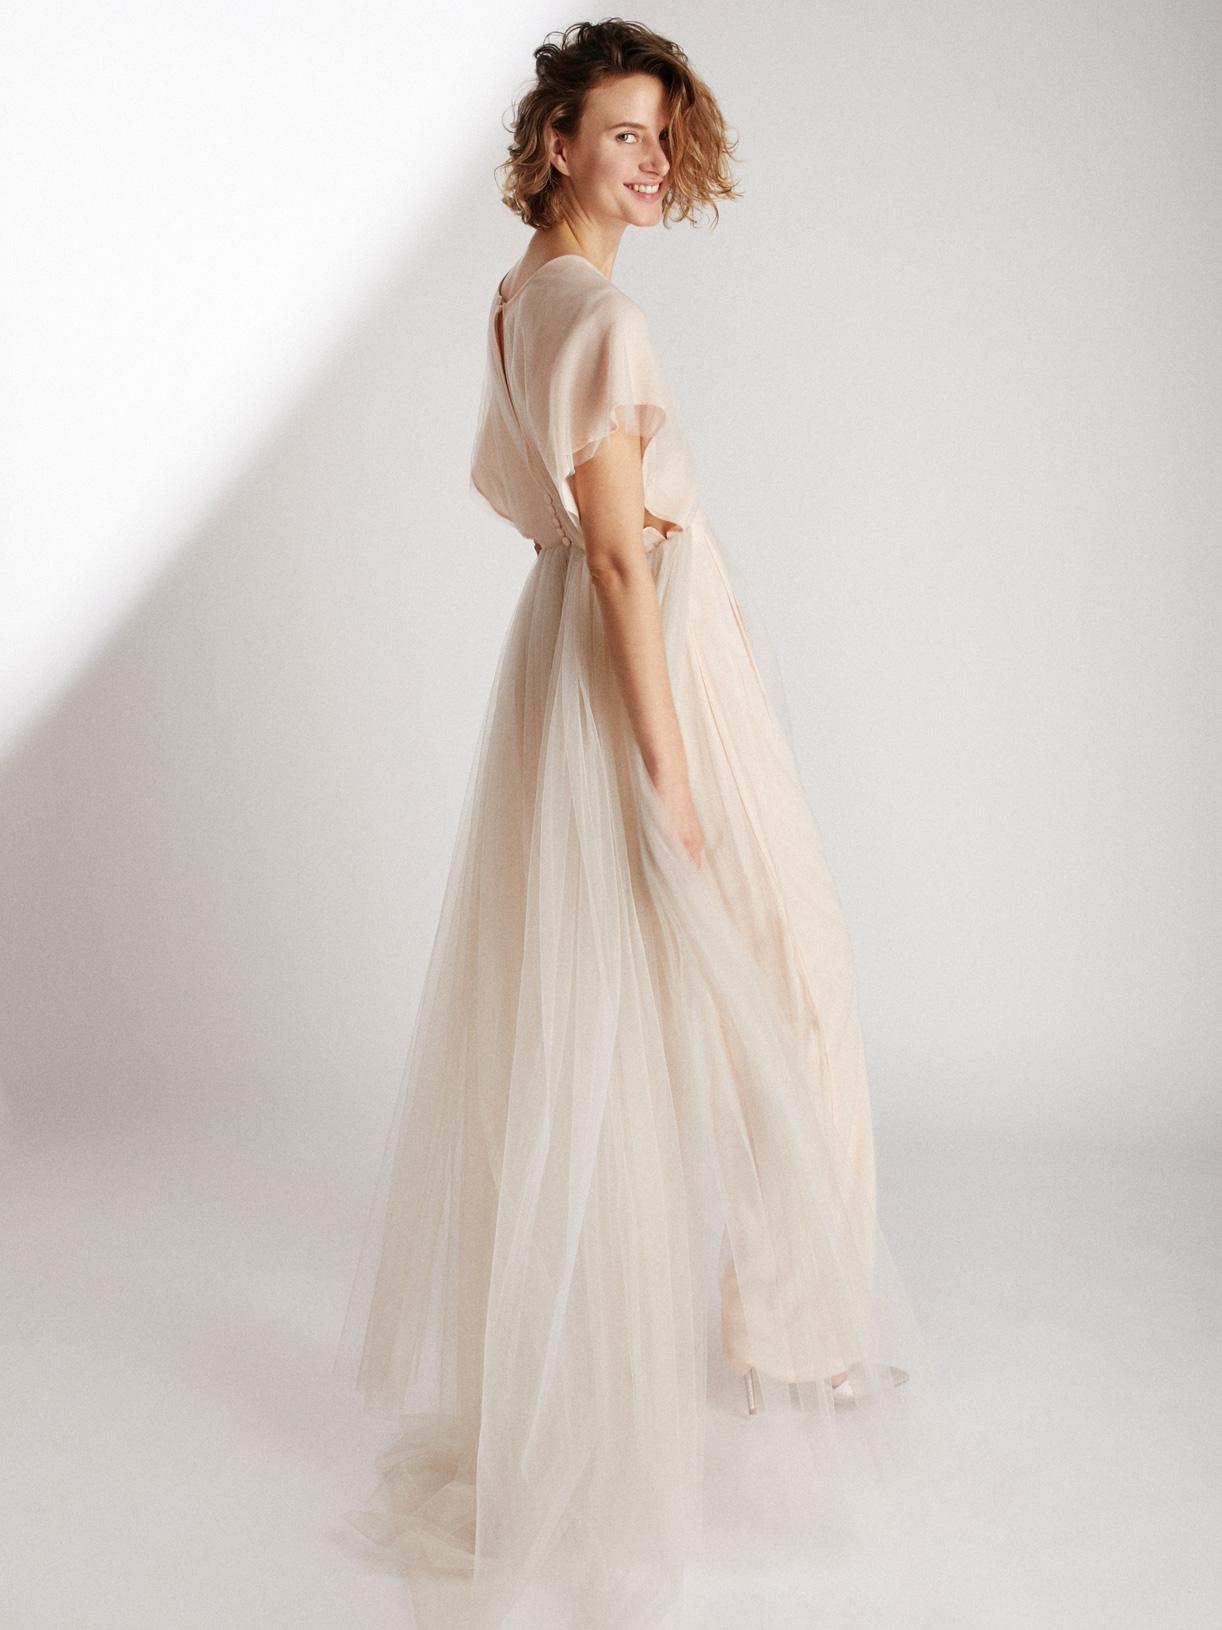 combinaison de mariée a traine écoresponsable - Creatrice de robe de mariée éthique et bio a Paris - Myphilosophy